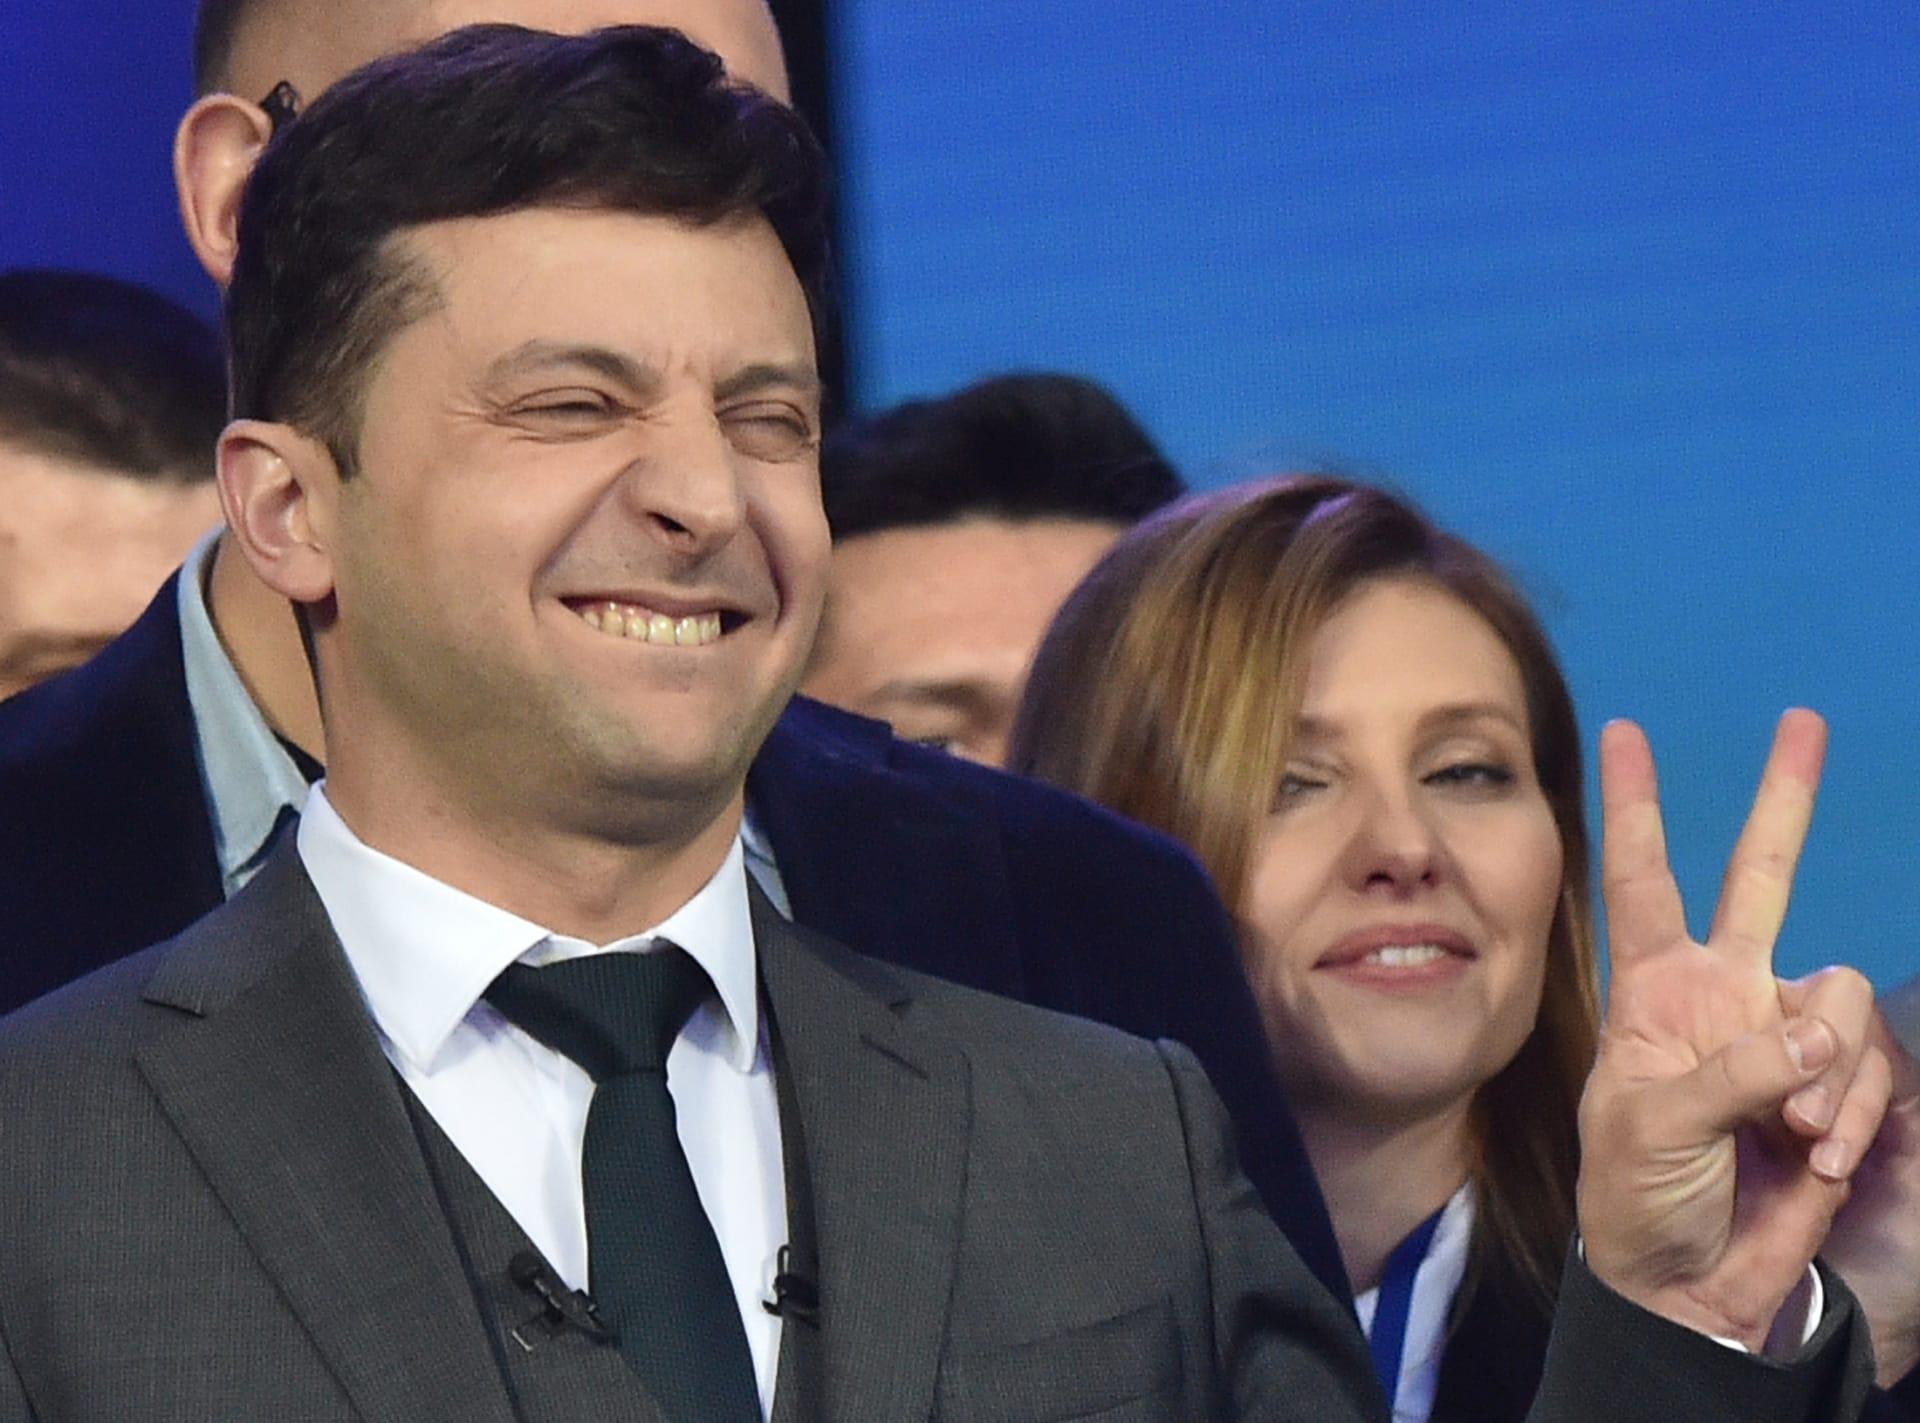 دراما زيلينسكي تحولت لواقع.. ممثل كوميدي لعب دور الرئيس يصبح رئيسا